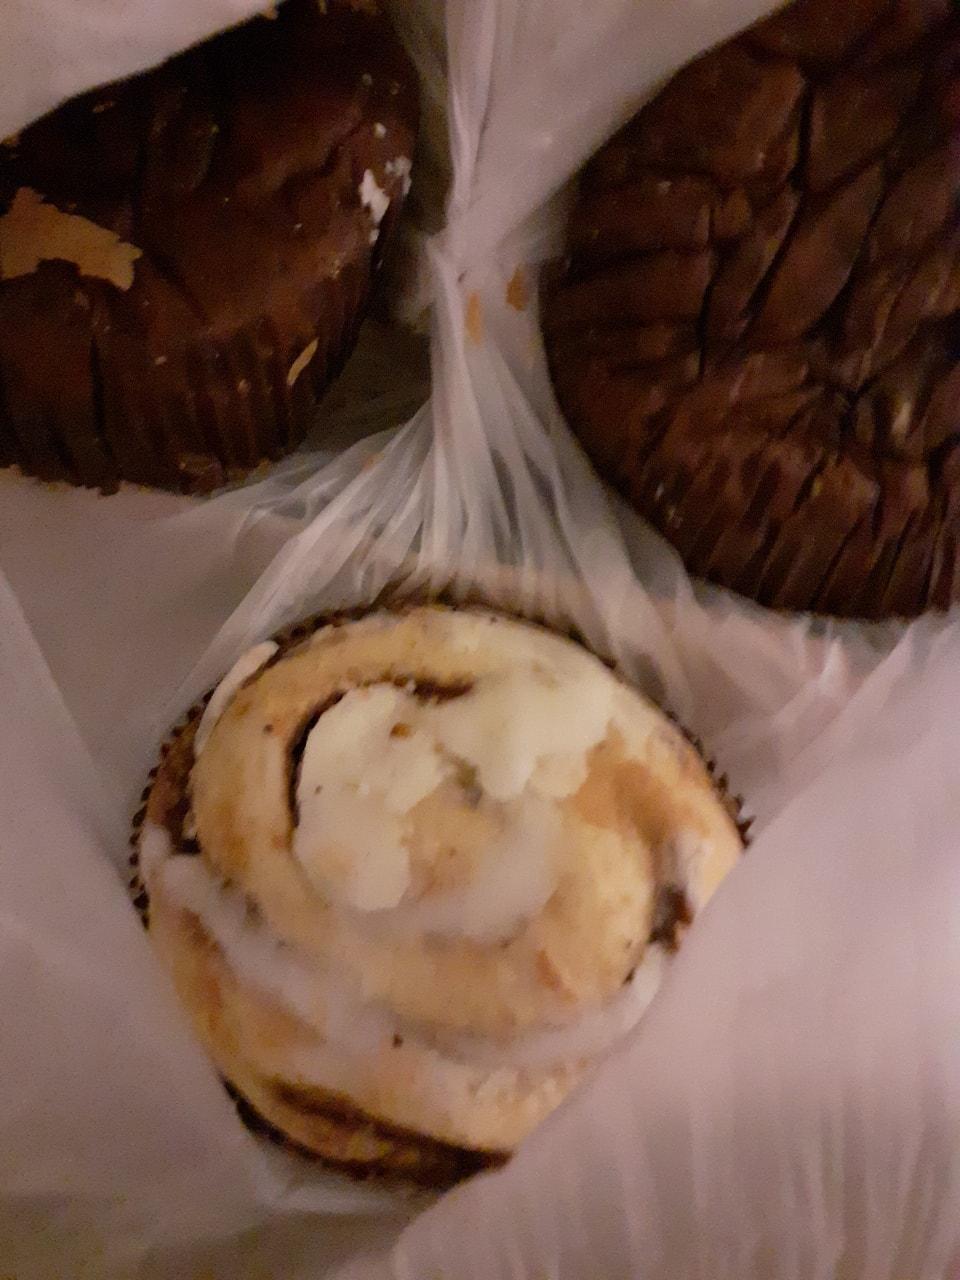 Iced bun